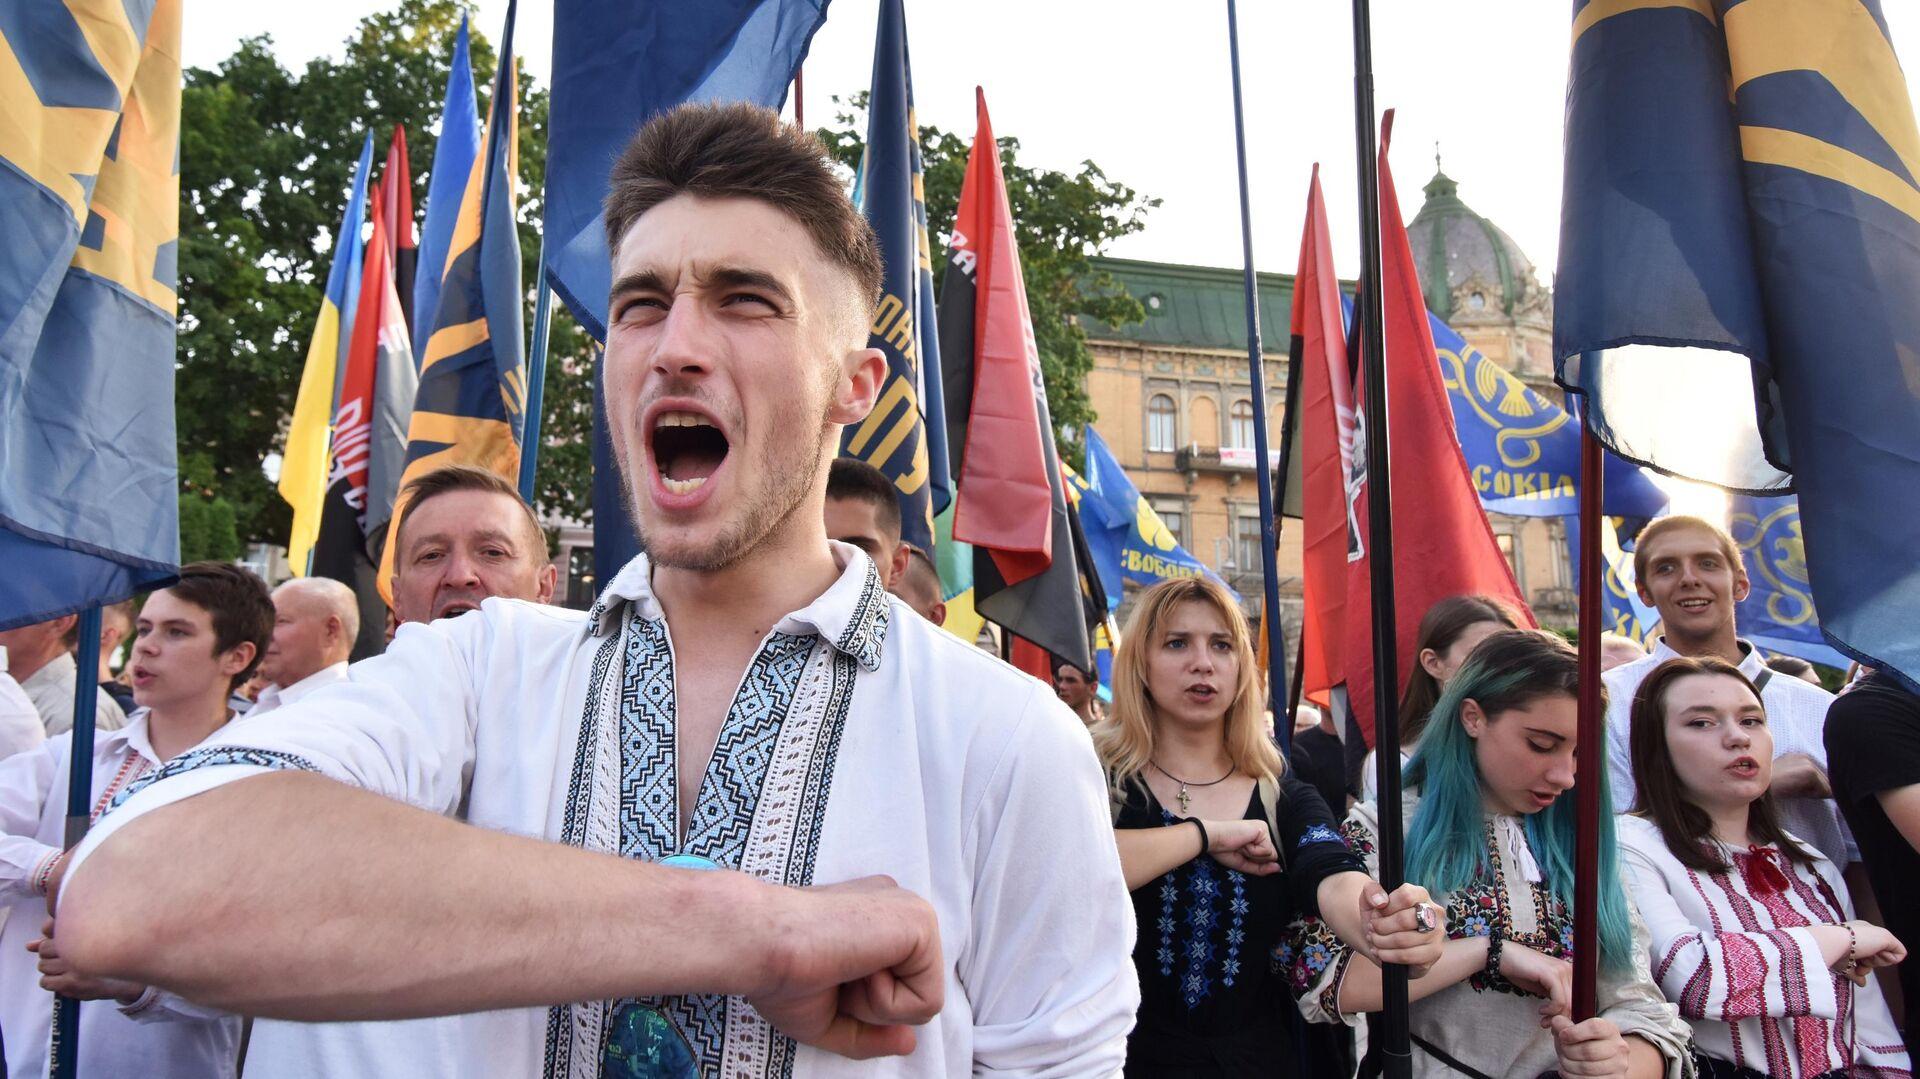 Участники марша националистов во Львове - РИА Новости, 1920, 11.07.2020